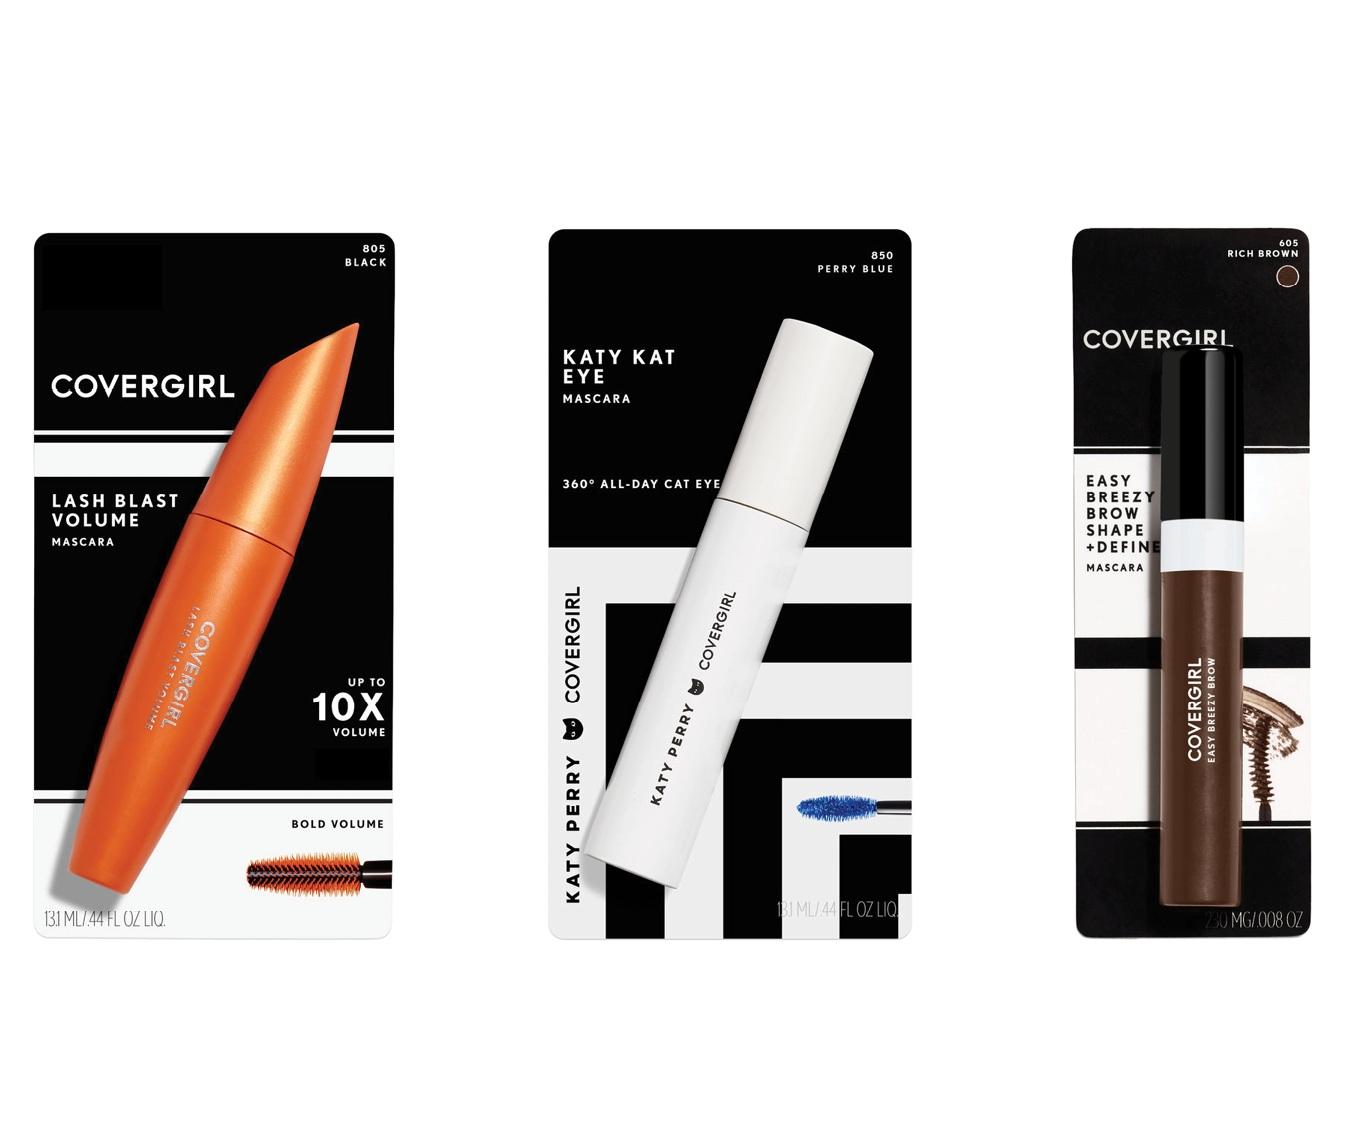 Covergirl_packaging+details2.jpg